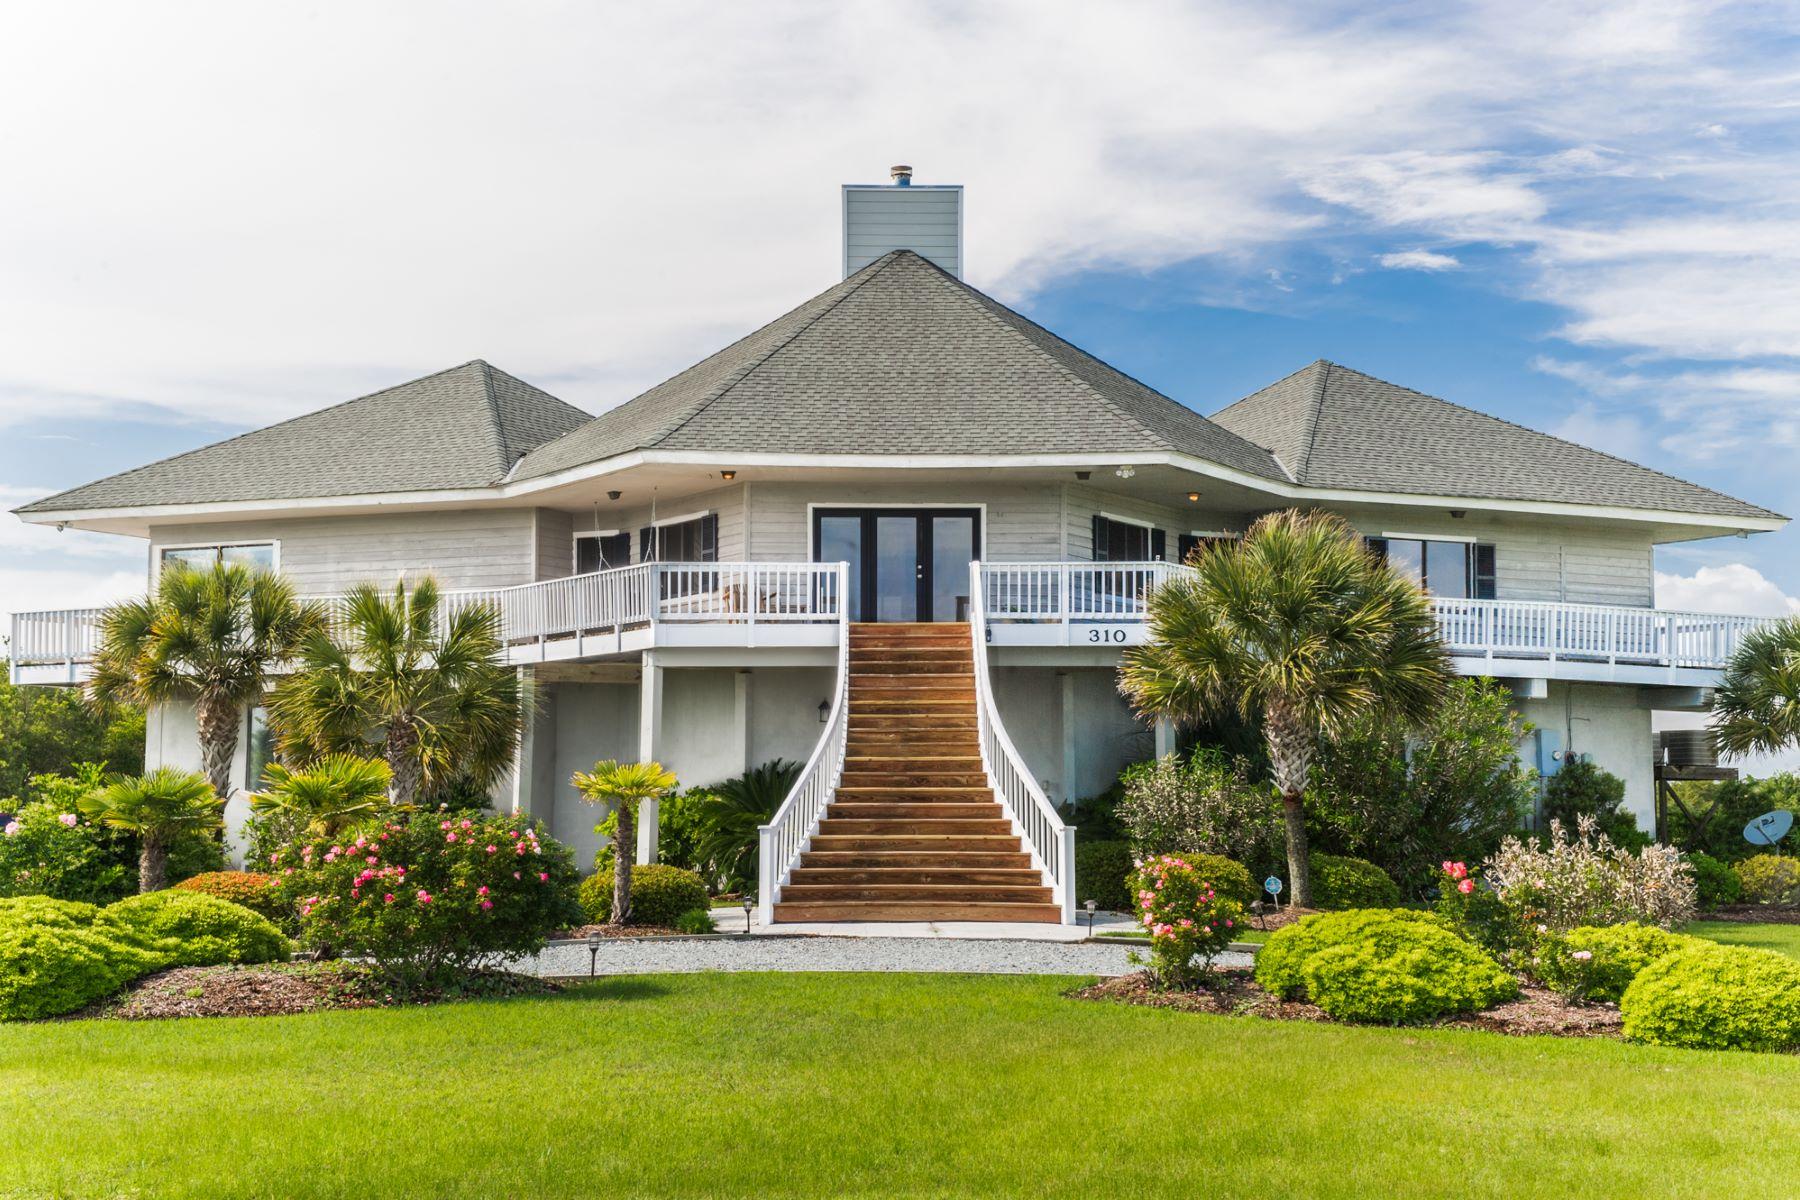 Maison unifamiliale pour l Vente à Contemporary Waterfront Elegance 310 Waterway Dr Sneads Ferry, Carolina Du Nord, 28460 États-Unis